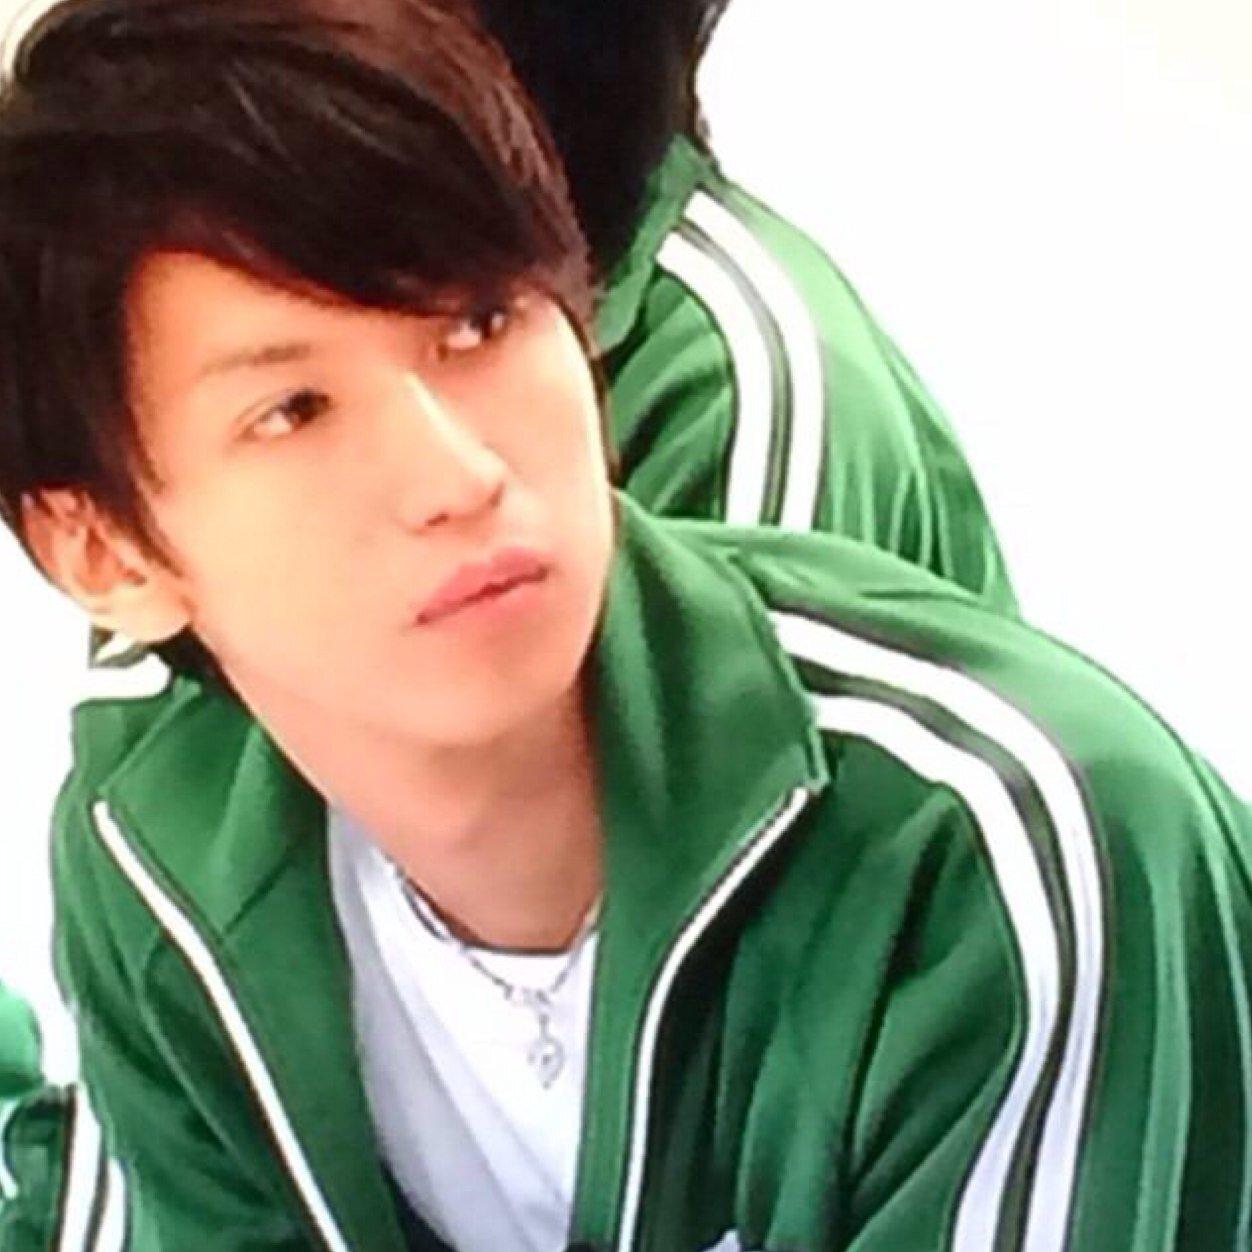 緑のジャージ